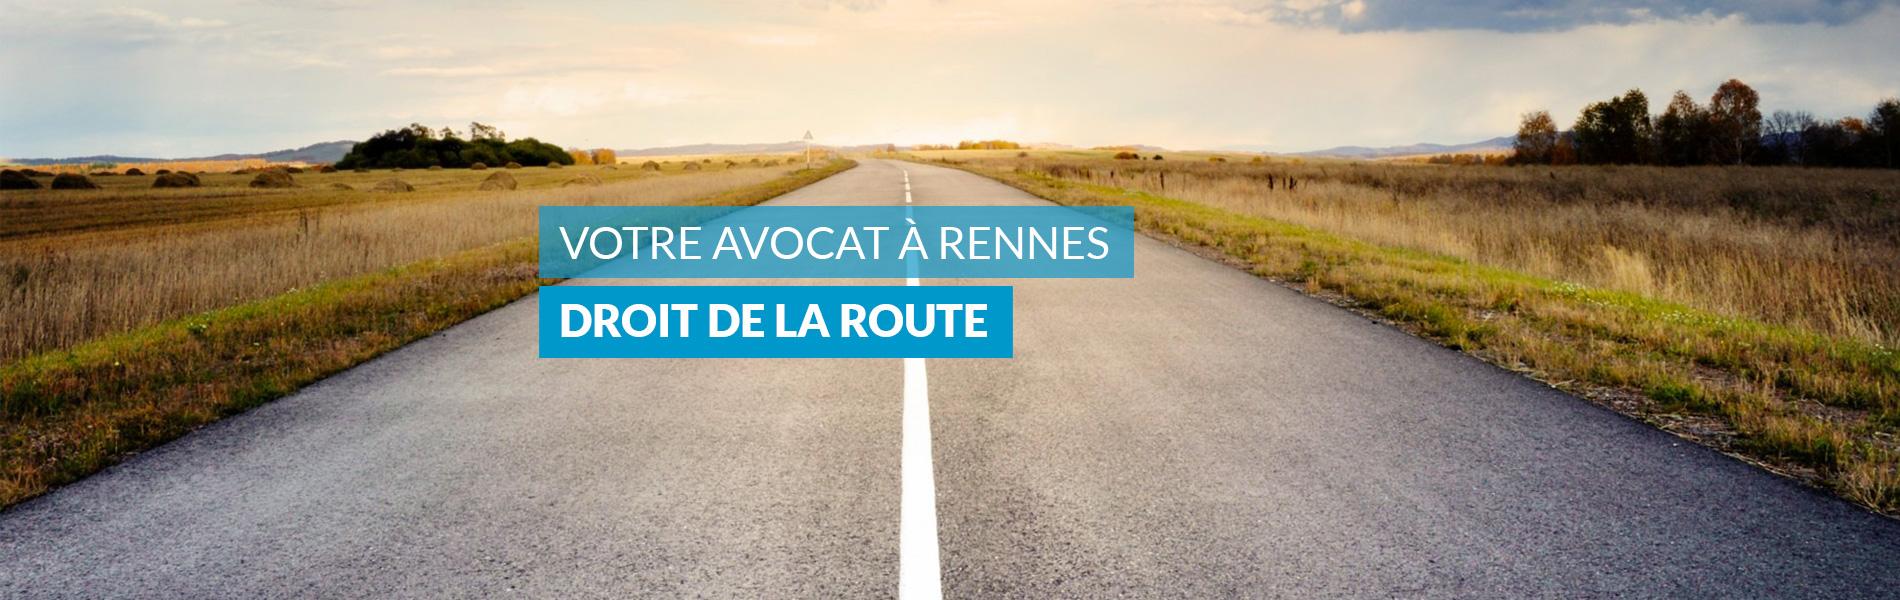 Avocats Rennes pluriel avocat droit de la route